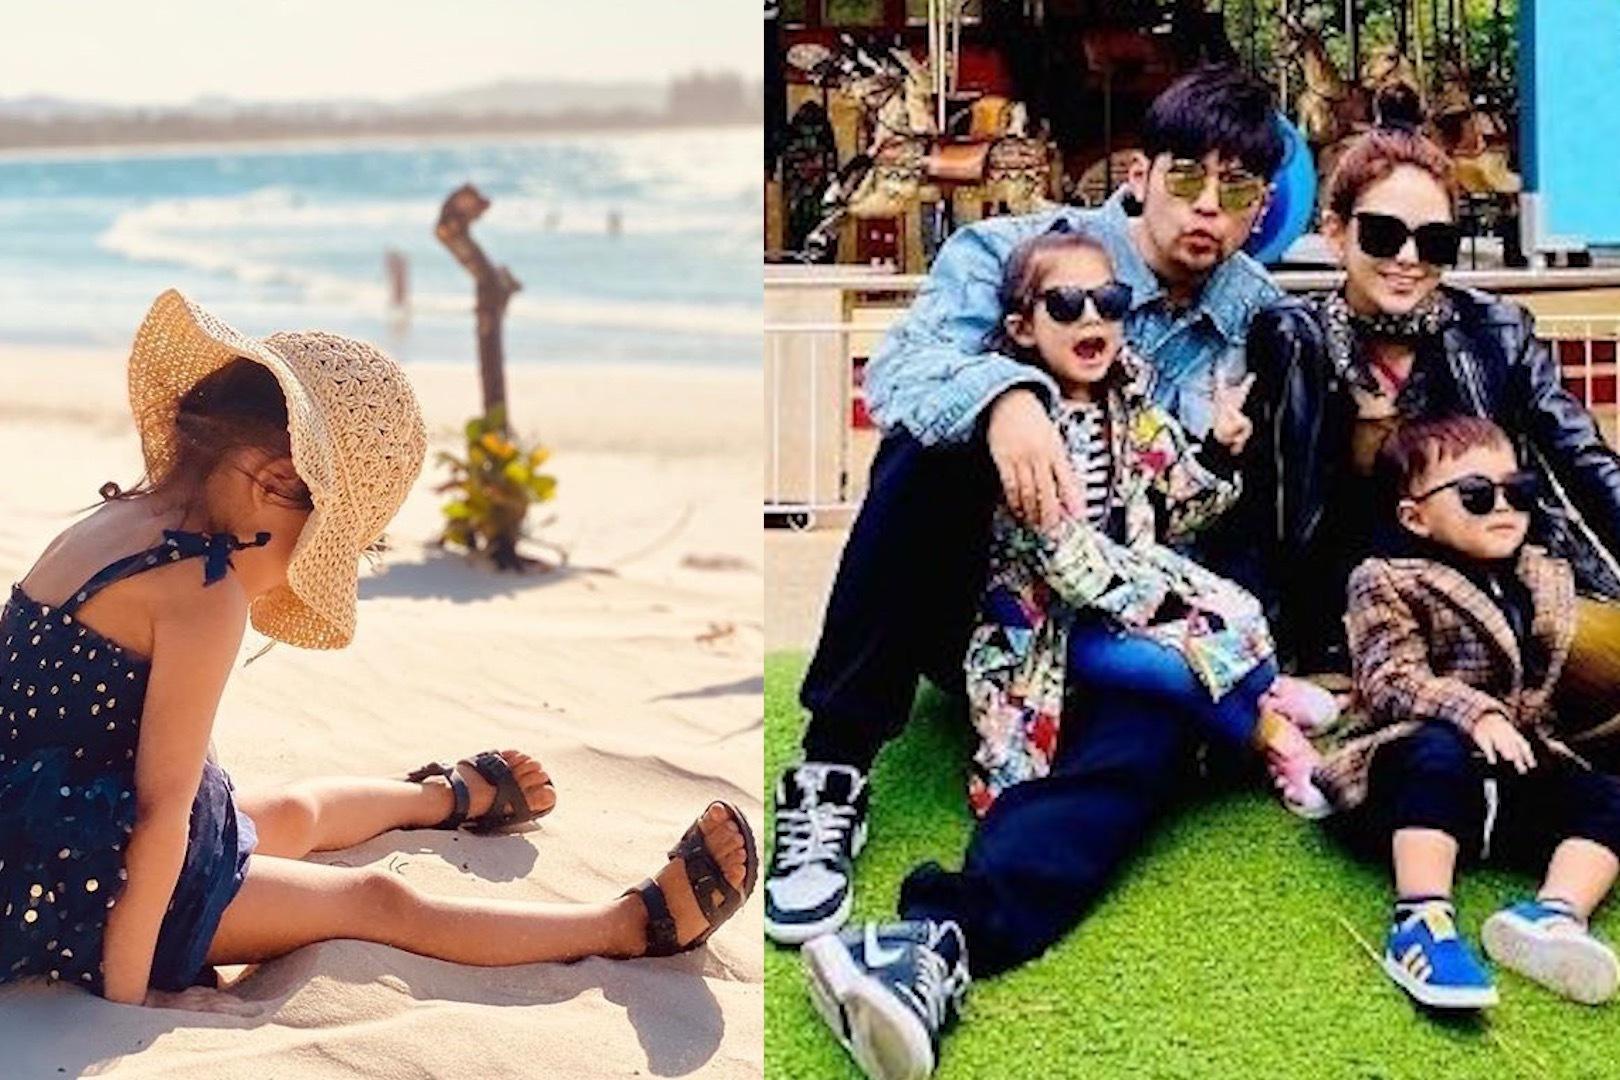 周杰伦与昆凌国外度假晒小周周沙滩照,小长腿格外抢镜